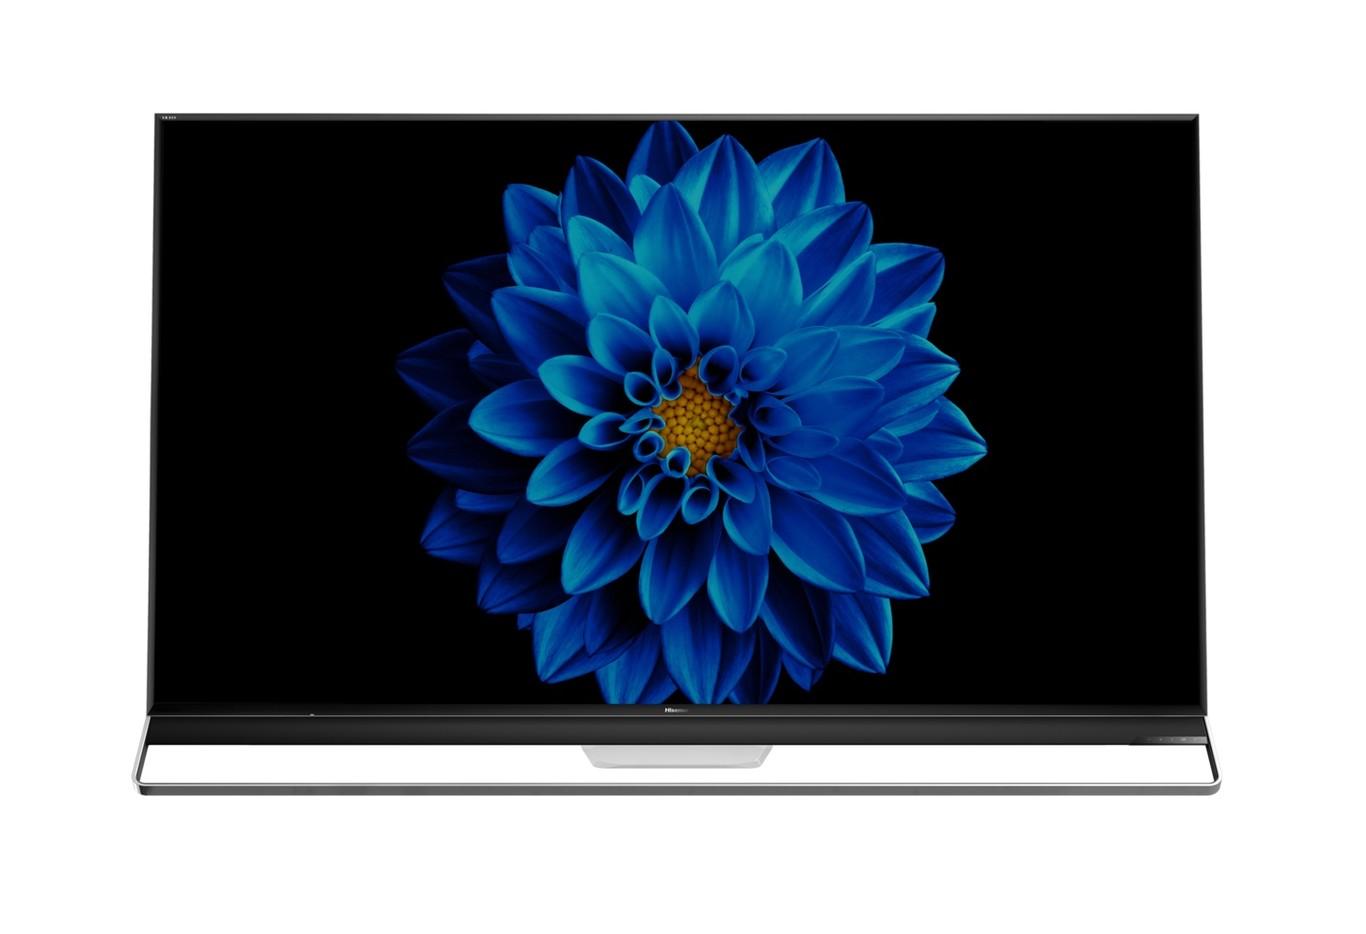 Hisense promet des noirs profonds «comme l'OLED» grâce à deux écrans LCD